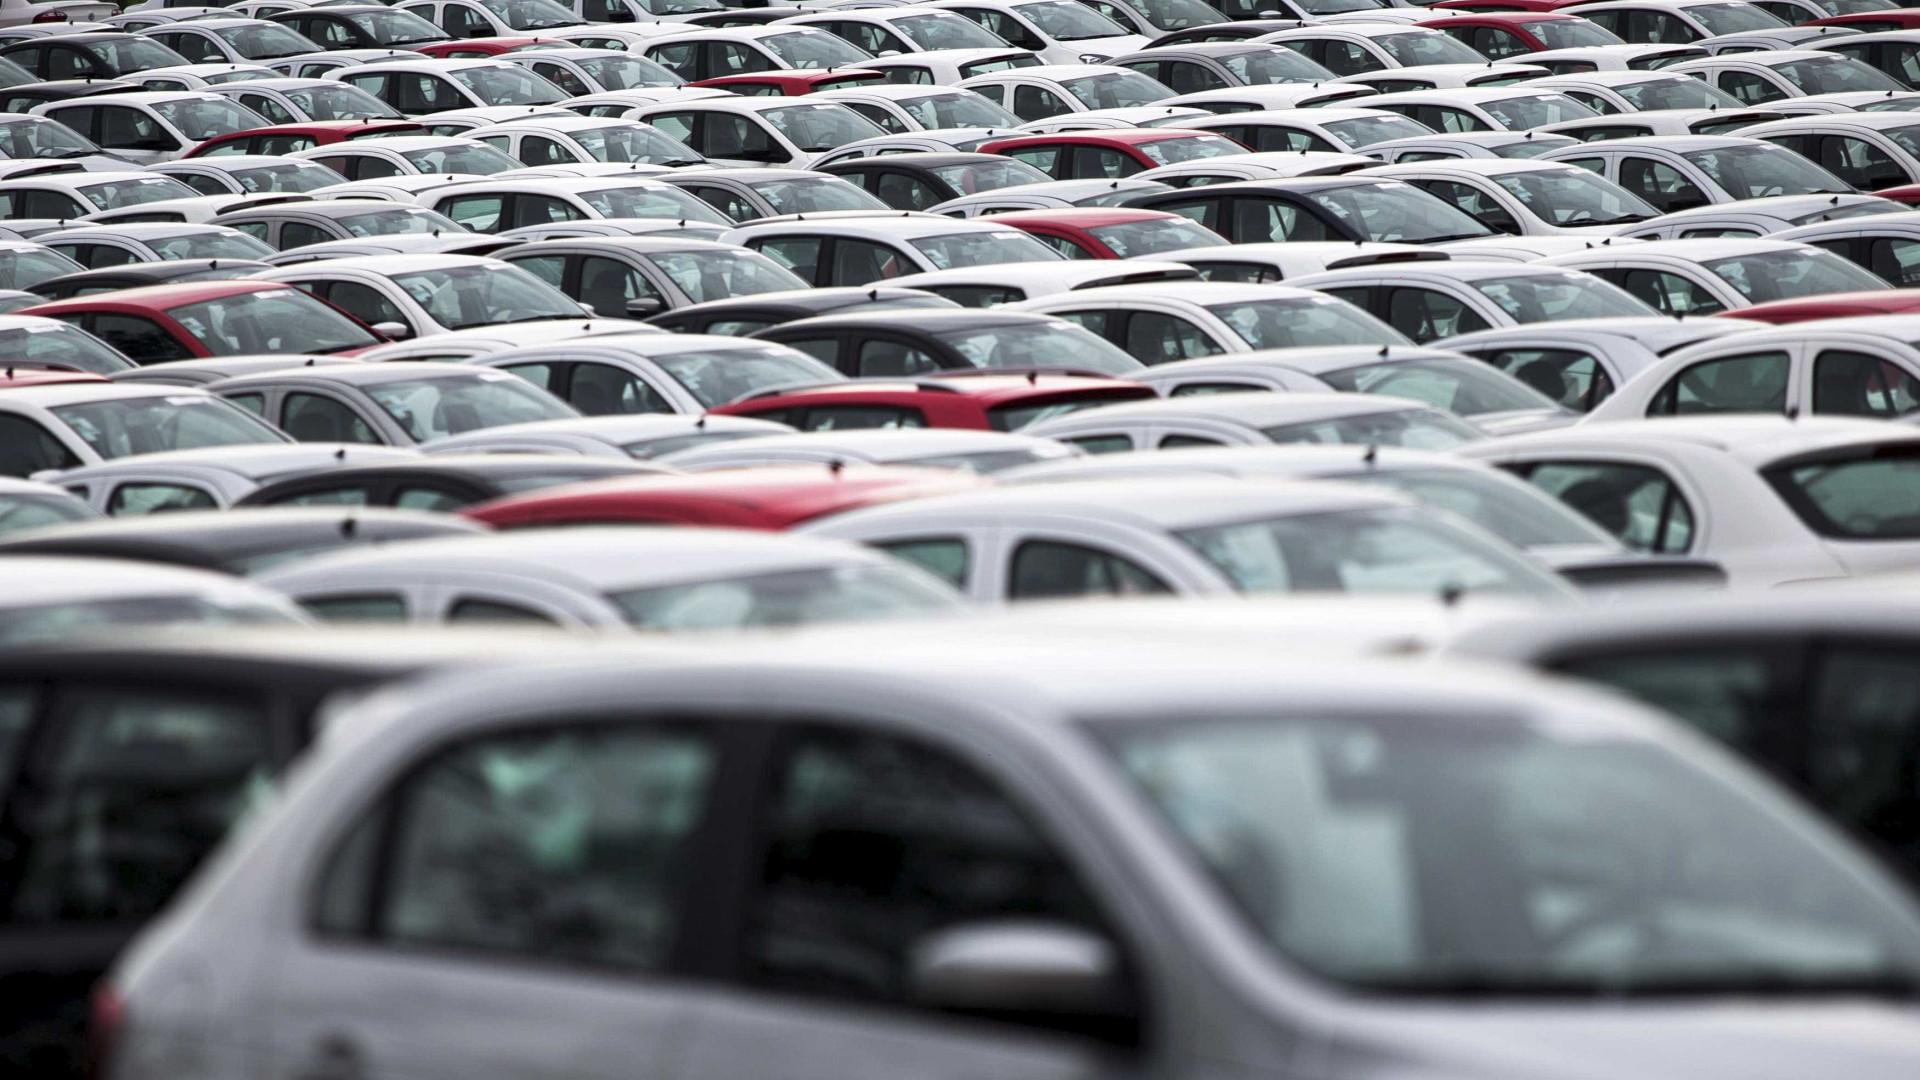 naom 5548d43d97c39 - Governo vai liberar dados de donos de carros em recall para montadoras